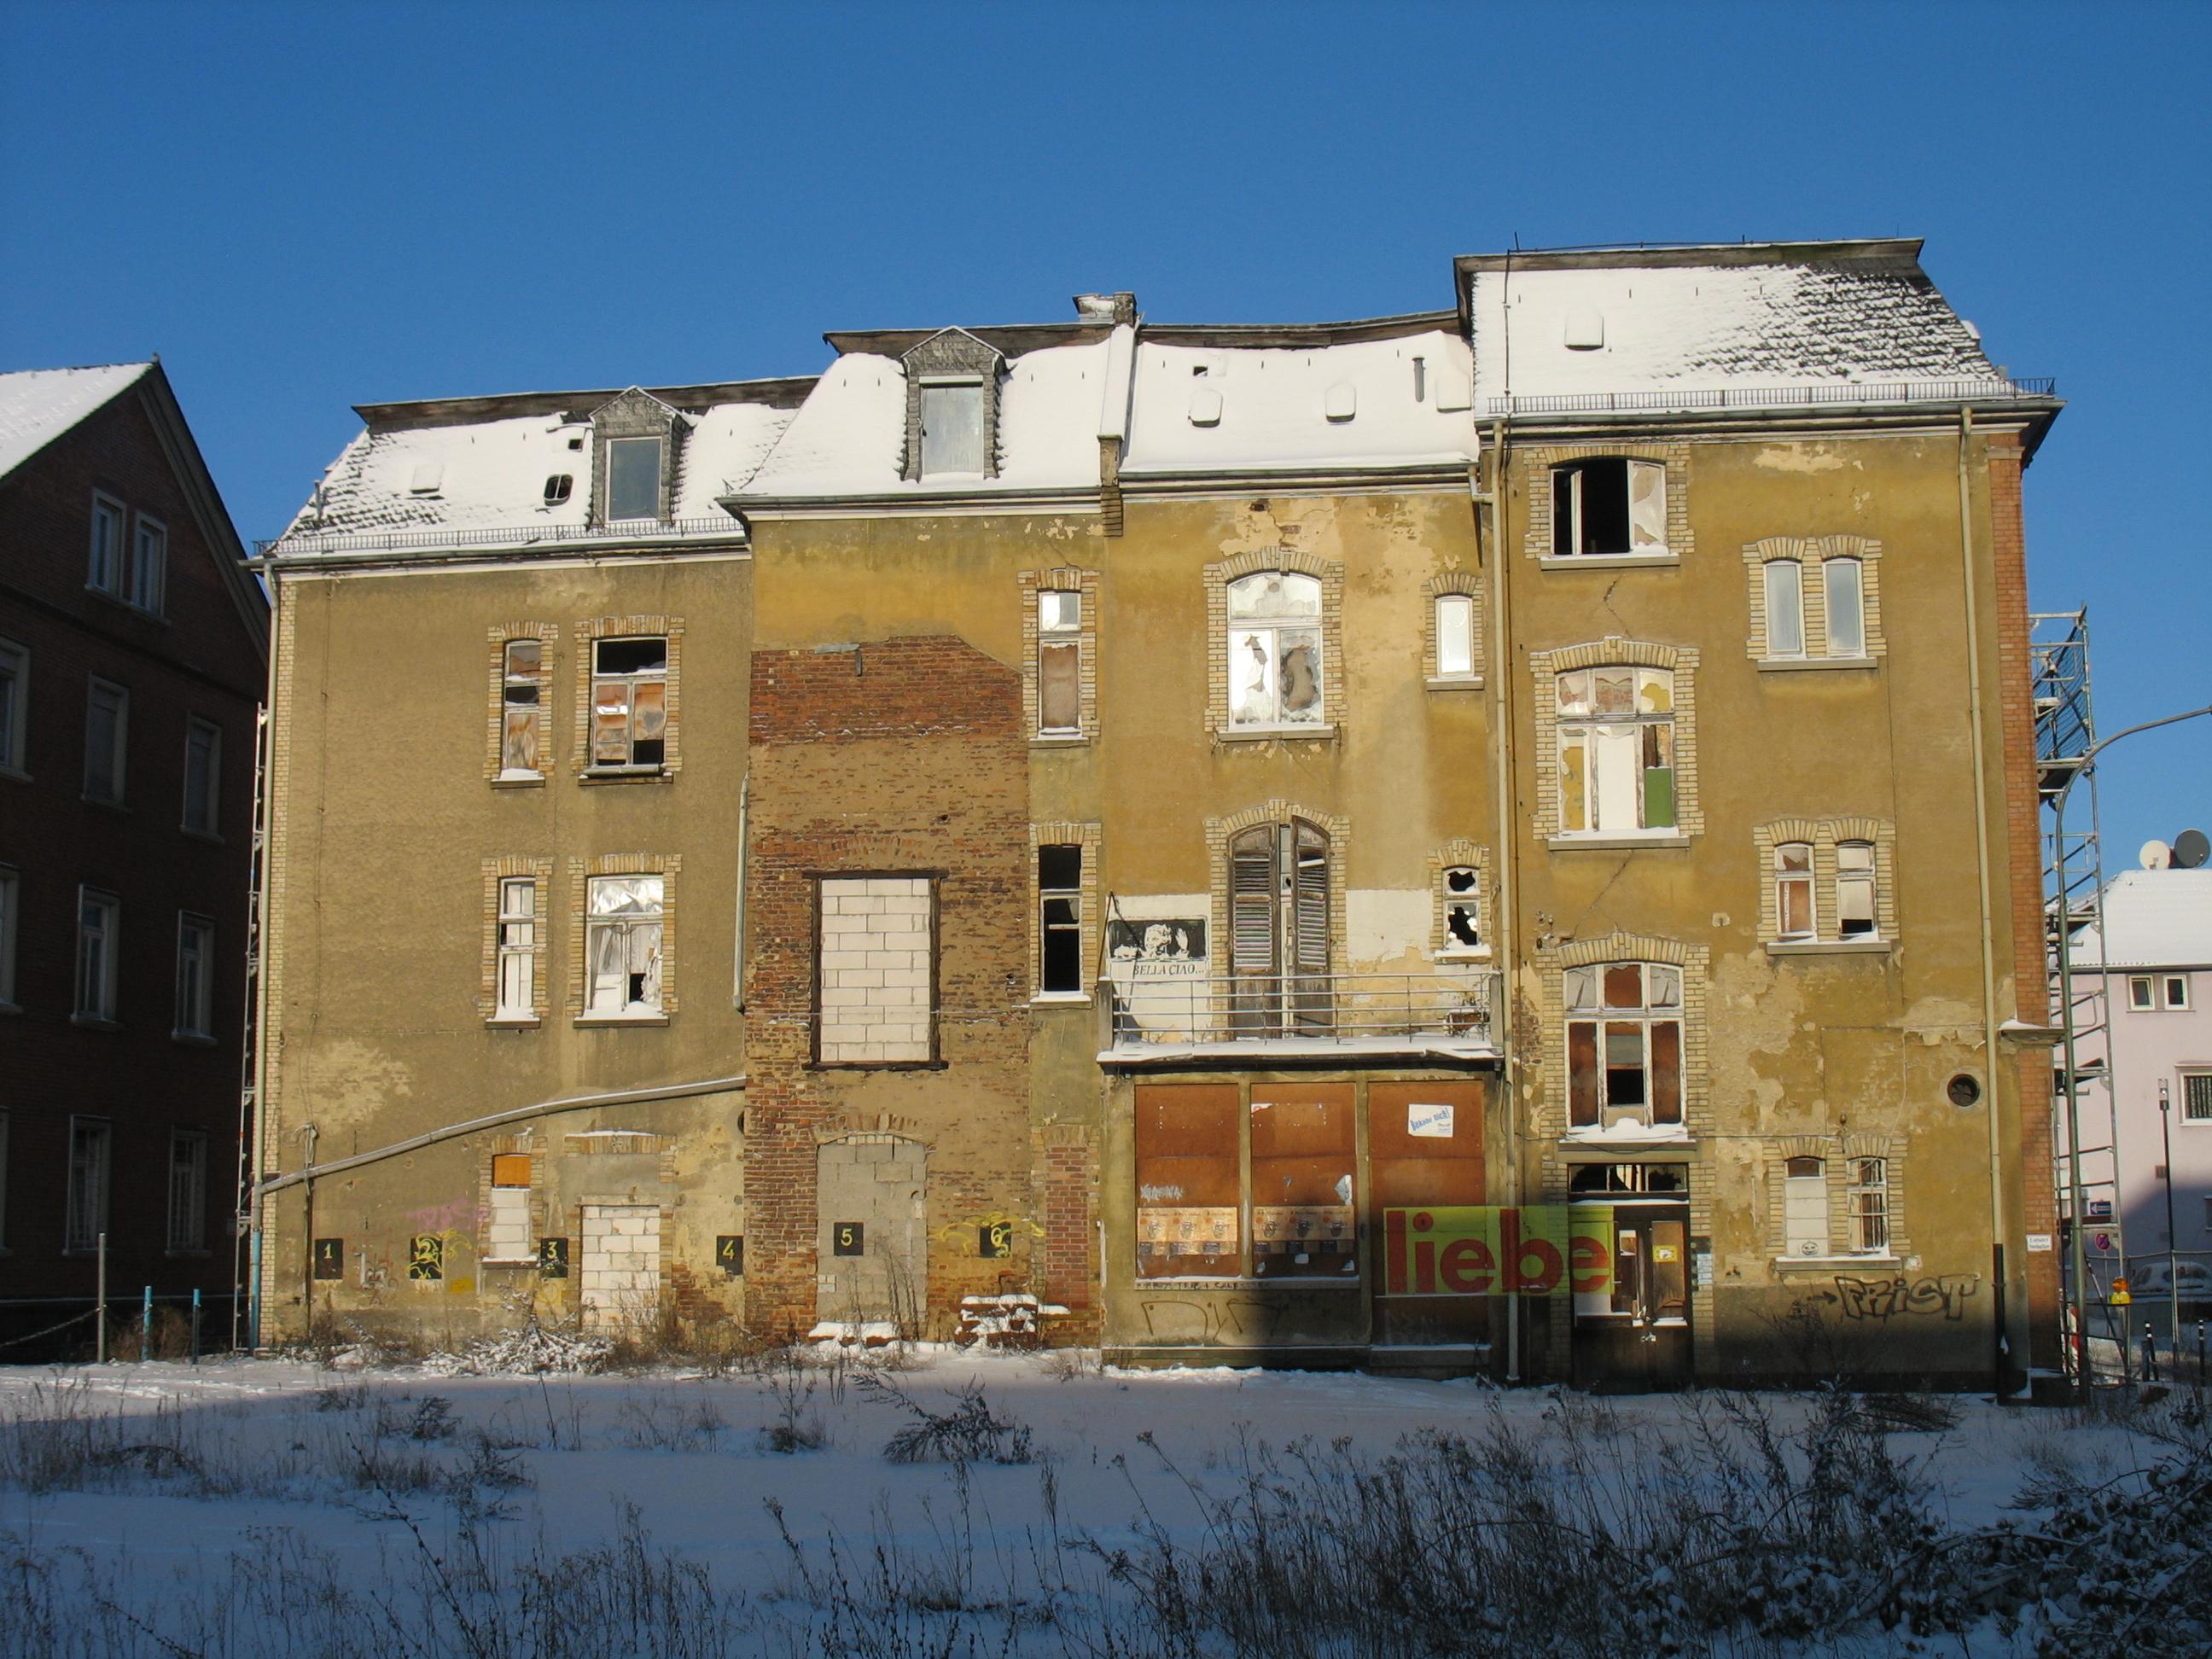 File Giessen Haus Samen Hahn01 2010 12 17 Jpg Wikimedia Commons